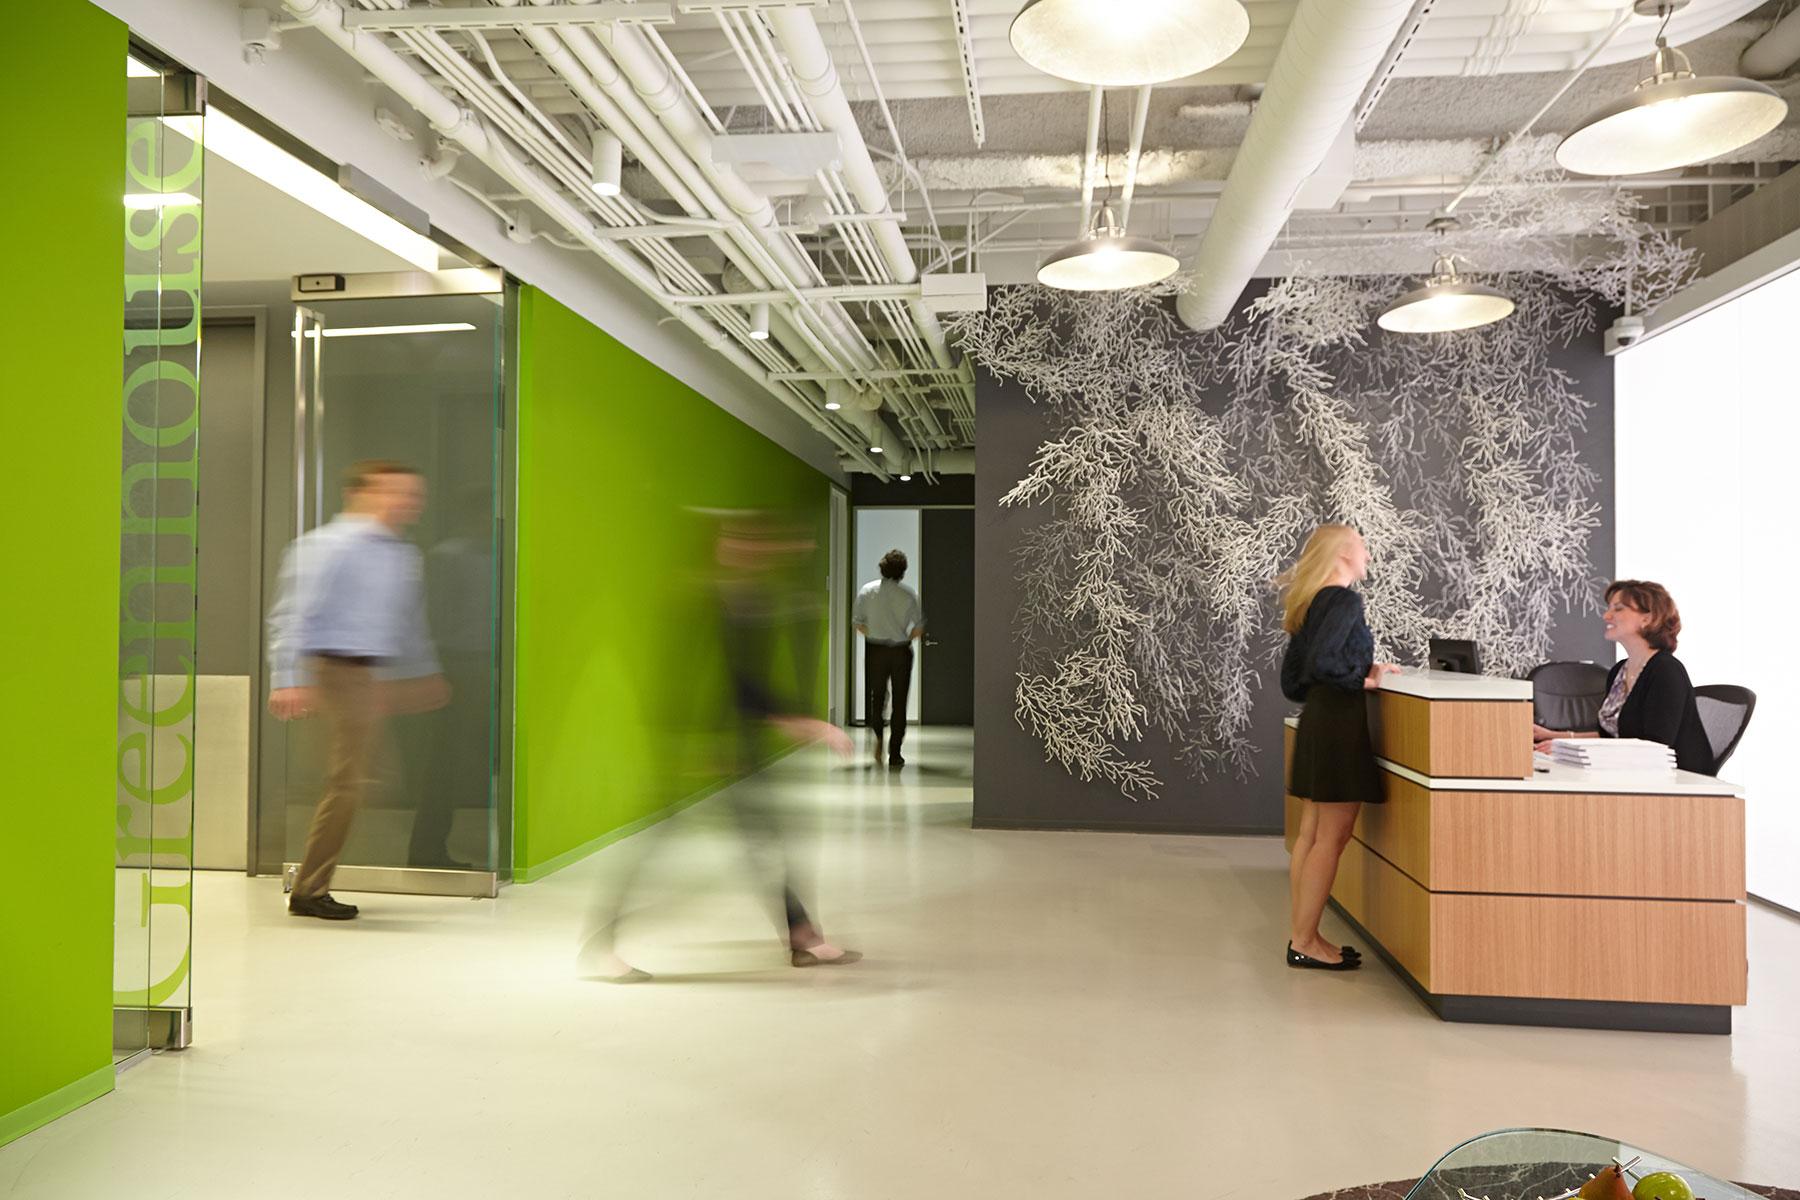 Deloitte_Greenhouse_Chicago_001-myportfolio.jpg